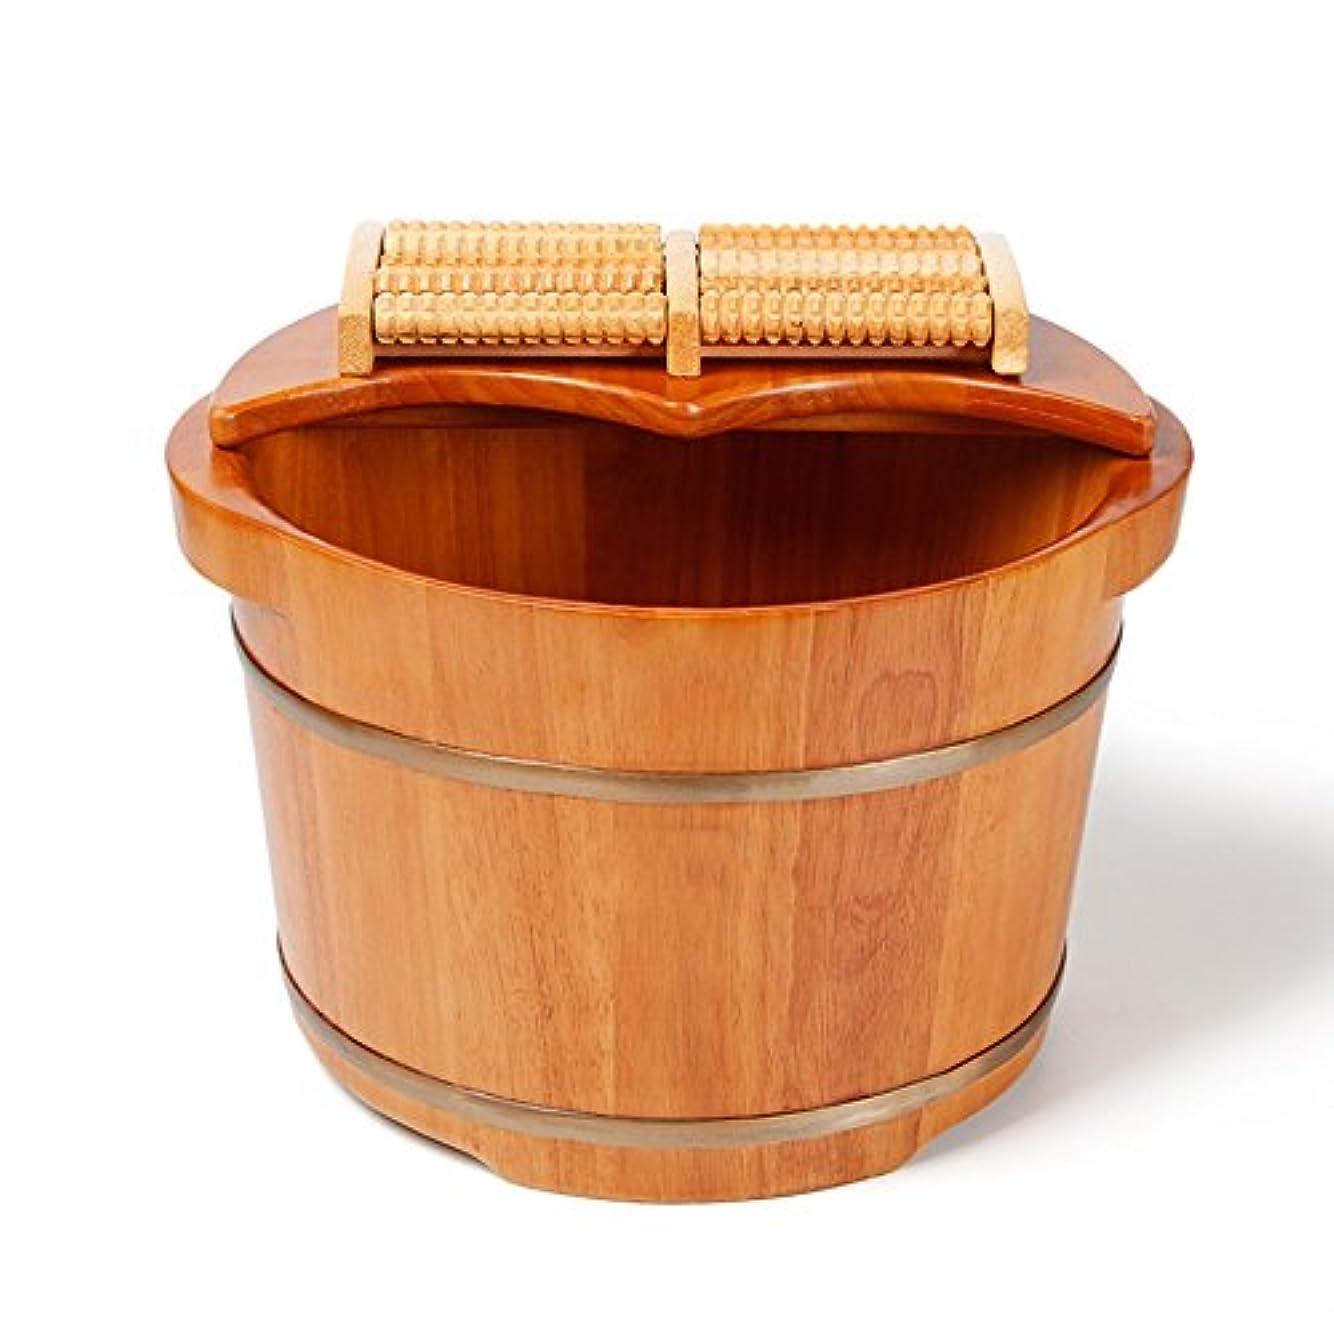 スイス人安全ファンシーC&L 足の浴槽、木製の足の洗面器足のバレルの足のマッサージの足の洗面器カバーの足の浴槽38 * 31 * 26cm ( サイズ さいず : 38*31*26cm )